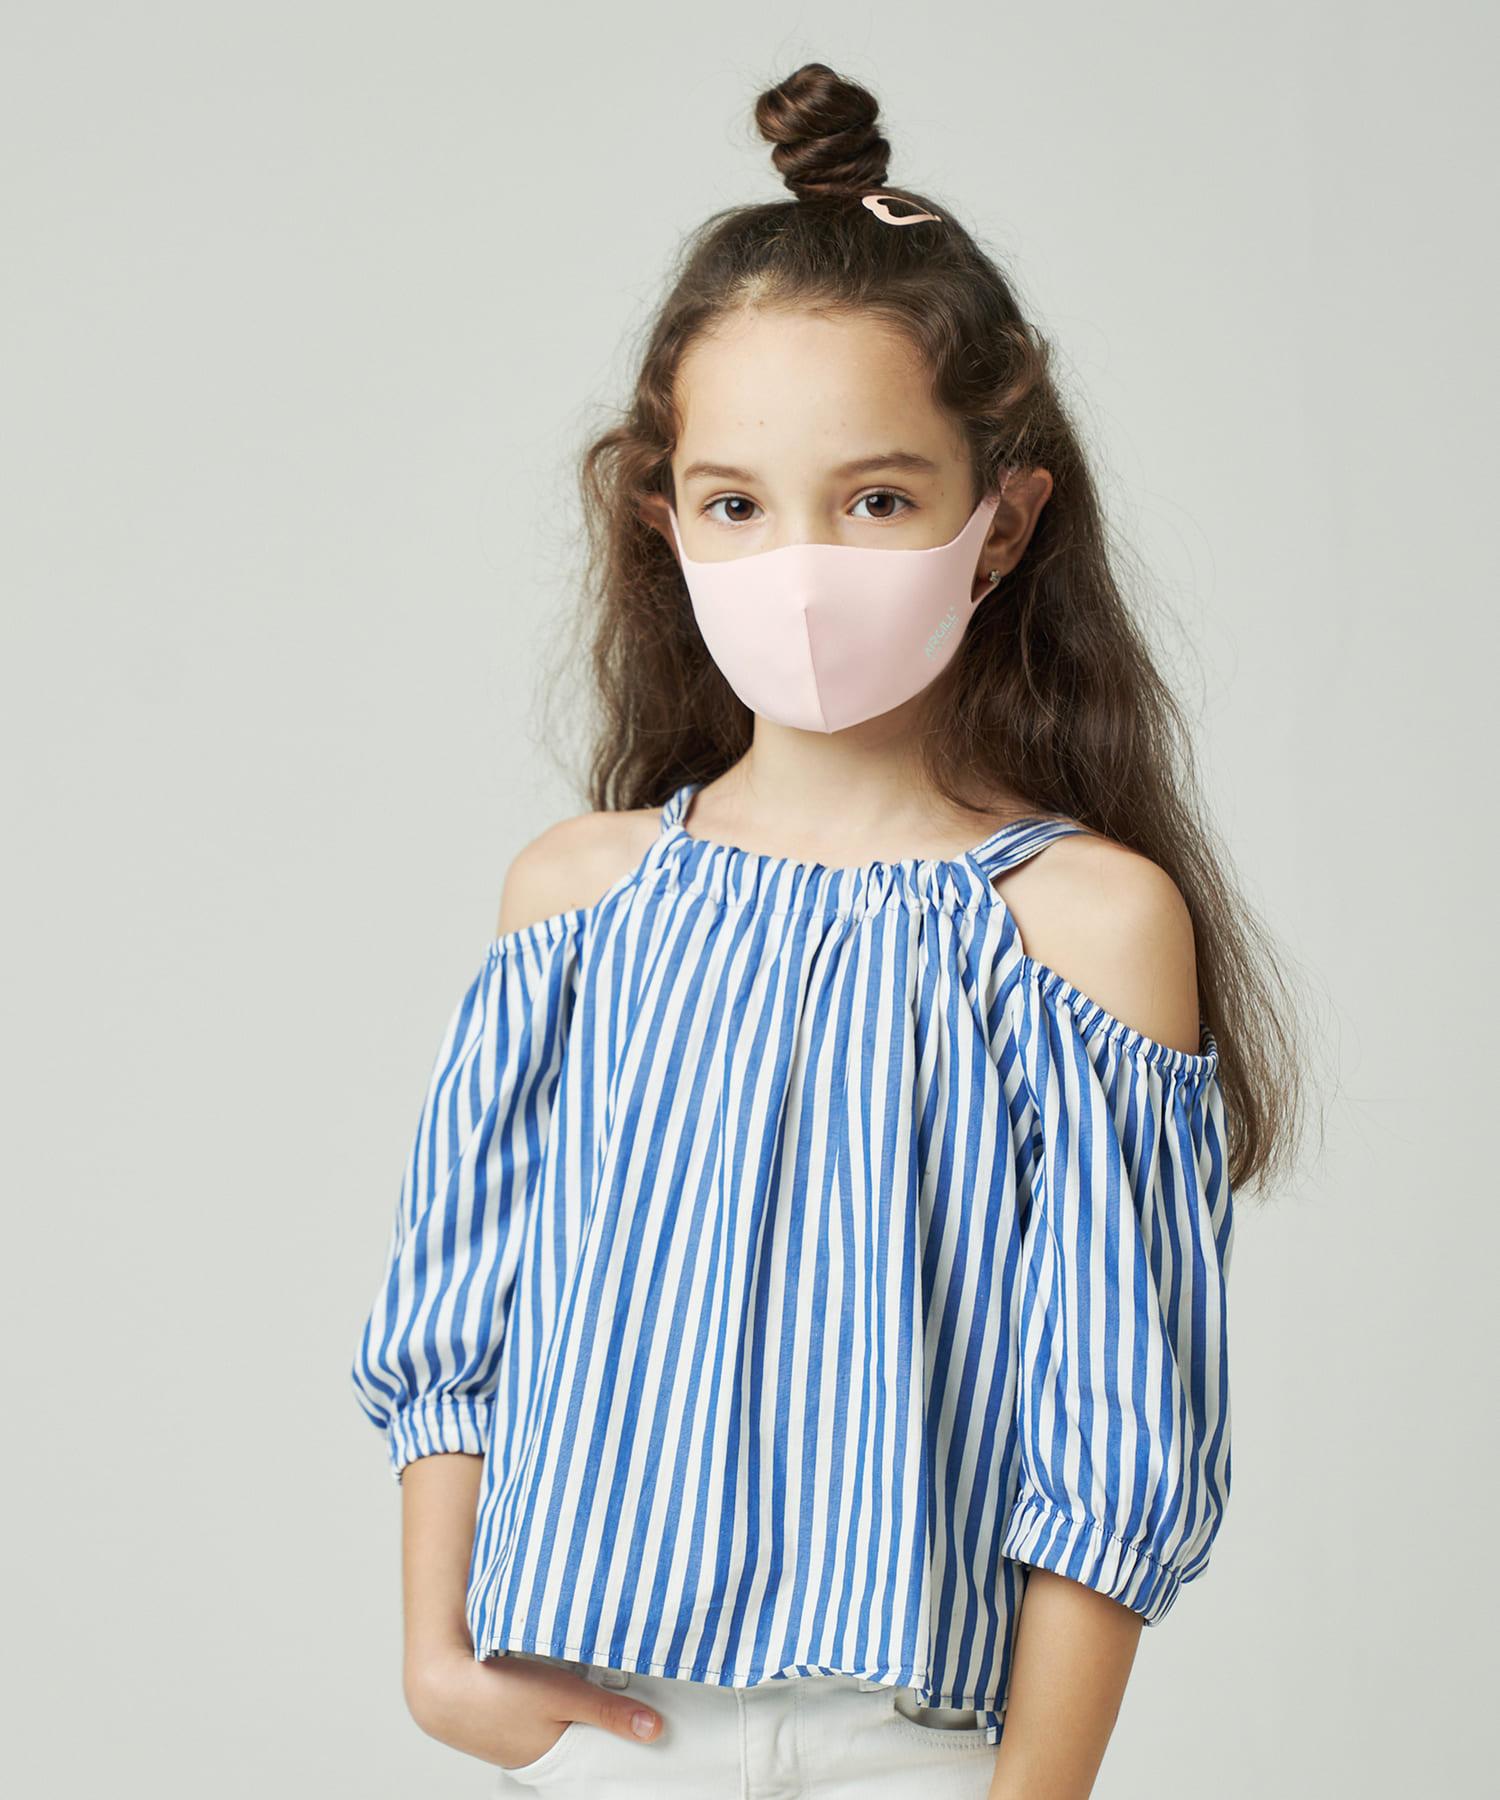 Daily russet(デイリー ラシット) レディース 【抗ウイルス・撥水・消臭・口臭予防】AIR GILLマスク ピンク